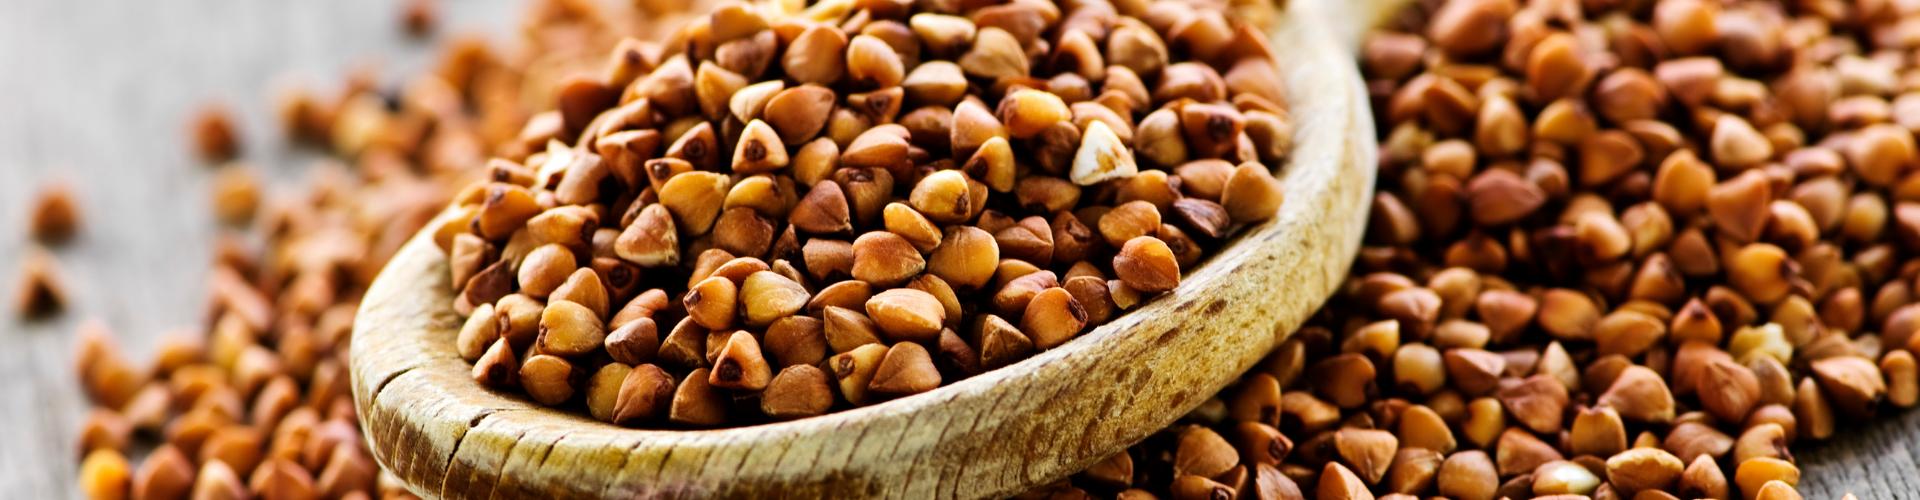 Comment conserver ses graines ? - Blog - Dr. Jonquille & Mr. Ail